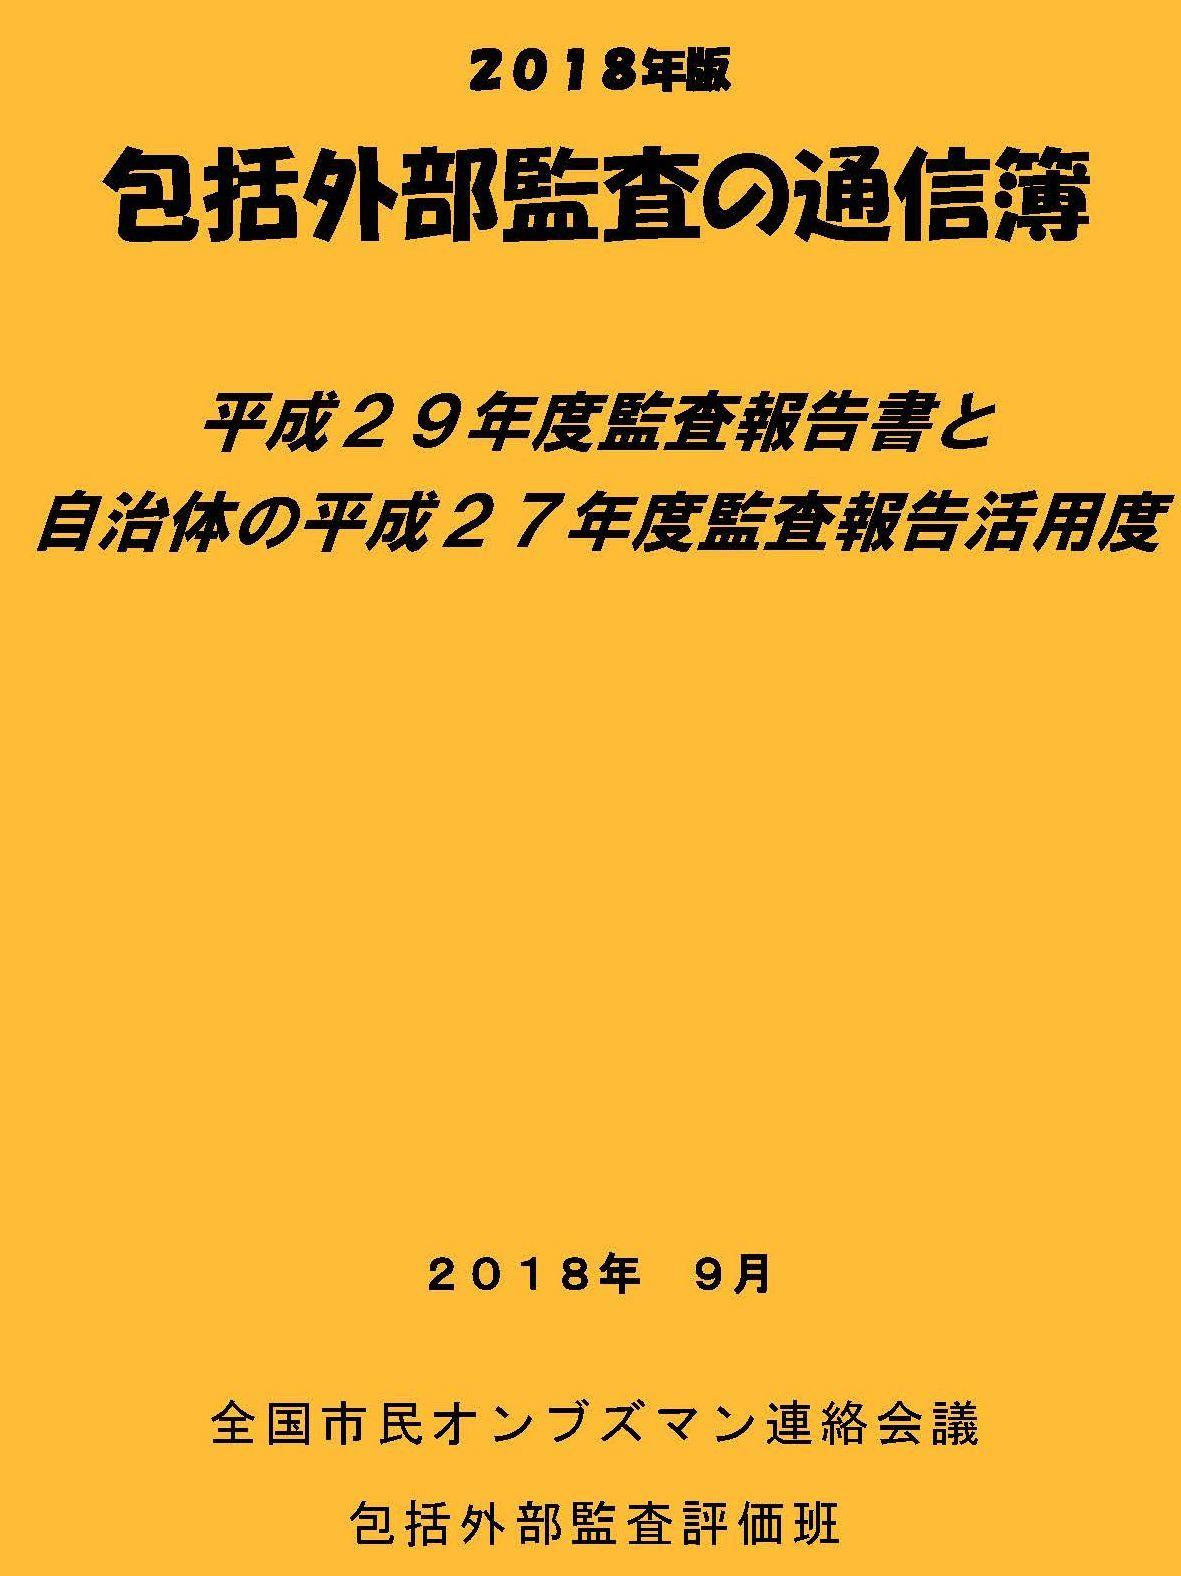 2018年度「包括外部監査の通信簿」結果発表_d0011701_22012554.jpg